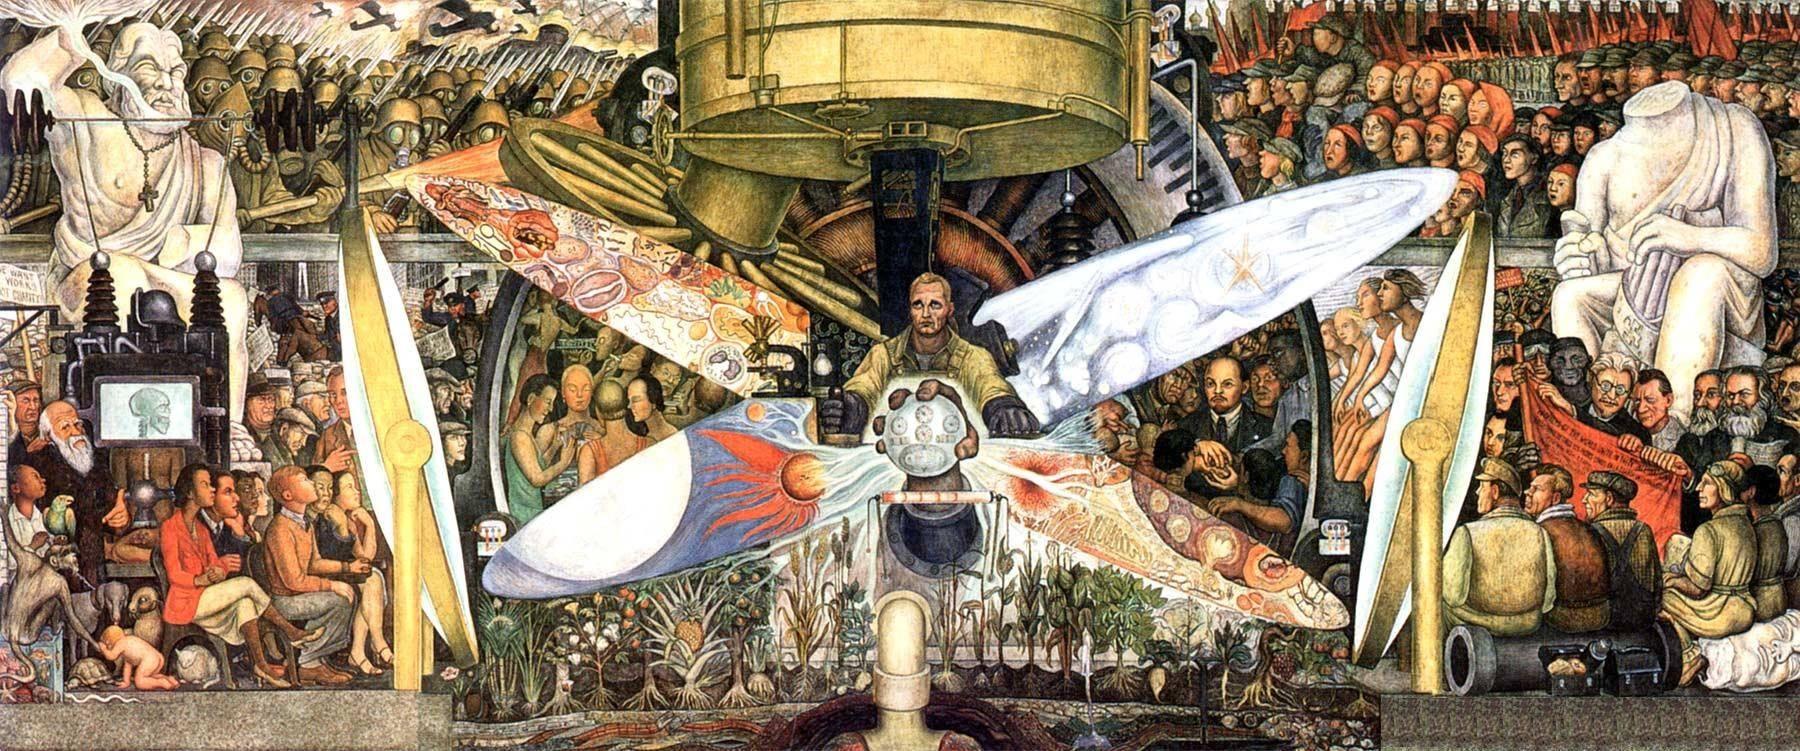 Ὁ Diego Rivera καὶ ὁ John D. Rockefeller, Jr.